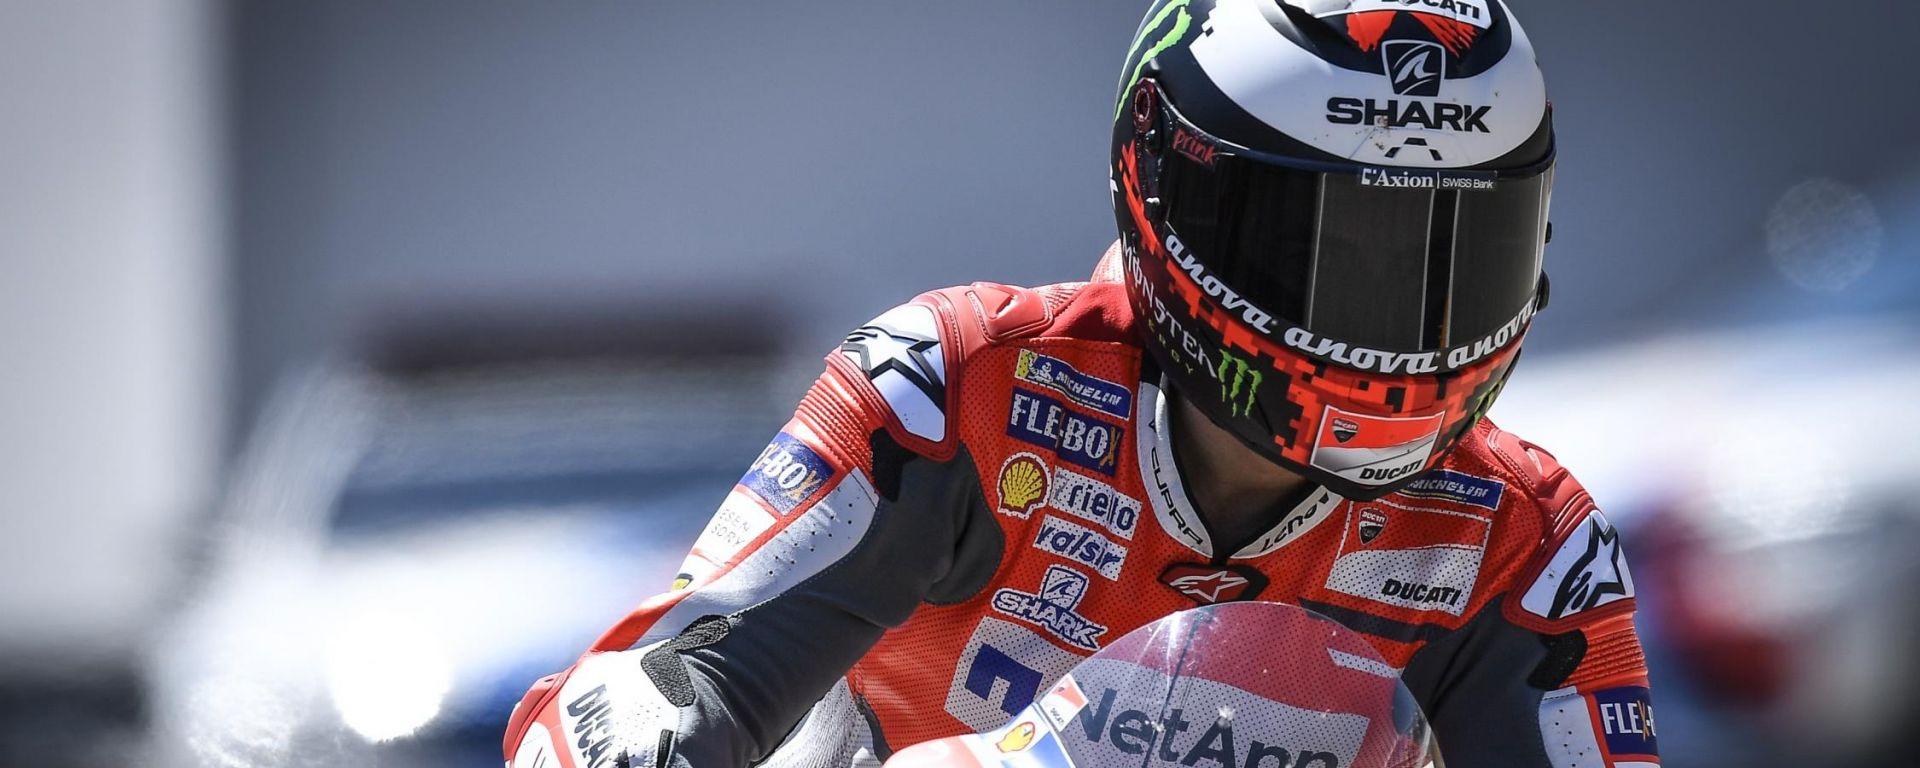 MotoGP Sachsenring 2018, Jorge Lorenzo in azione con la sua Ducati